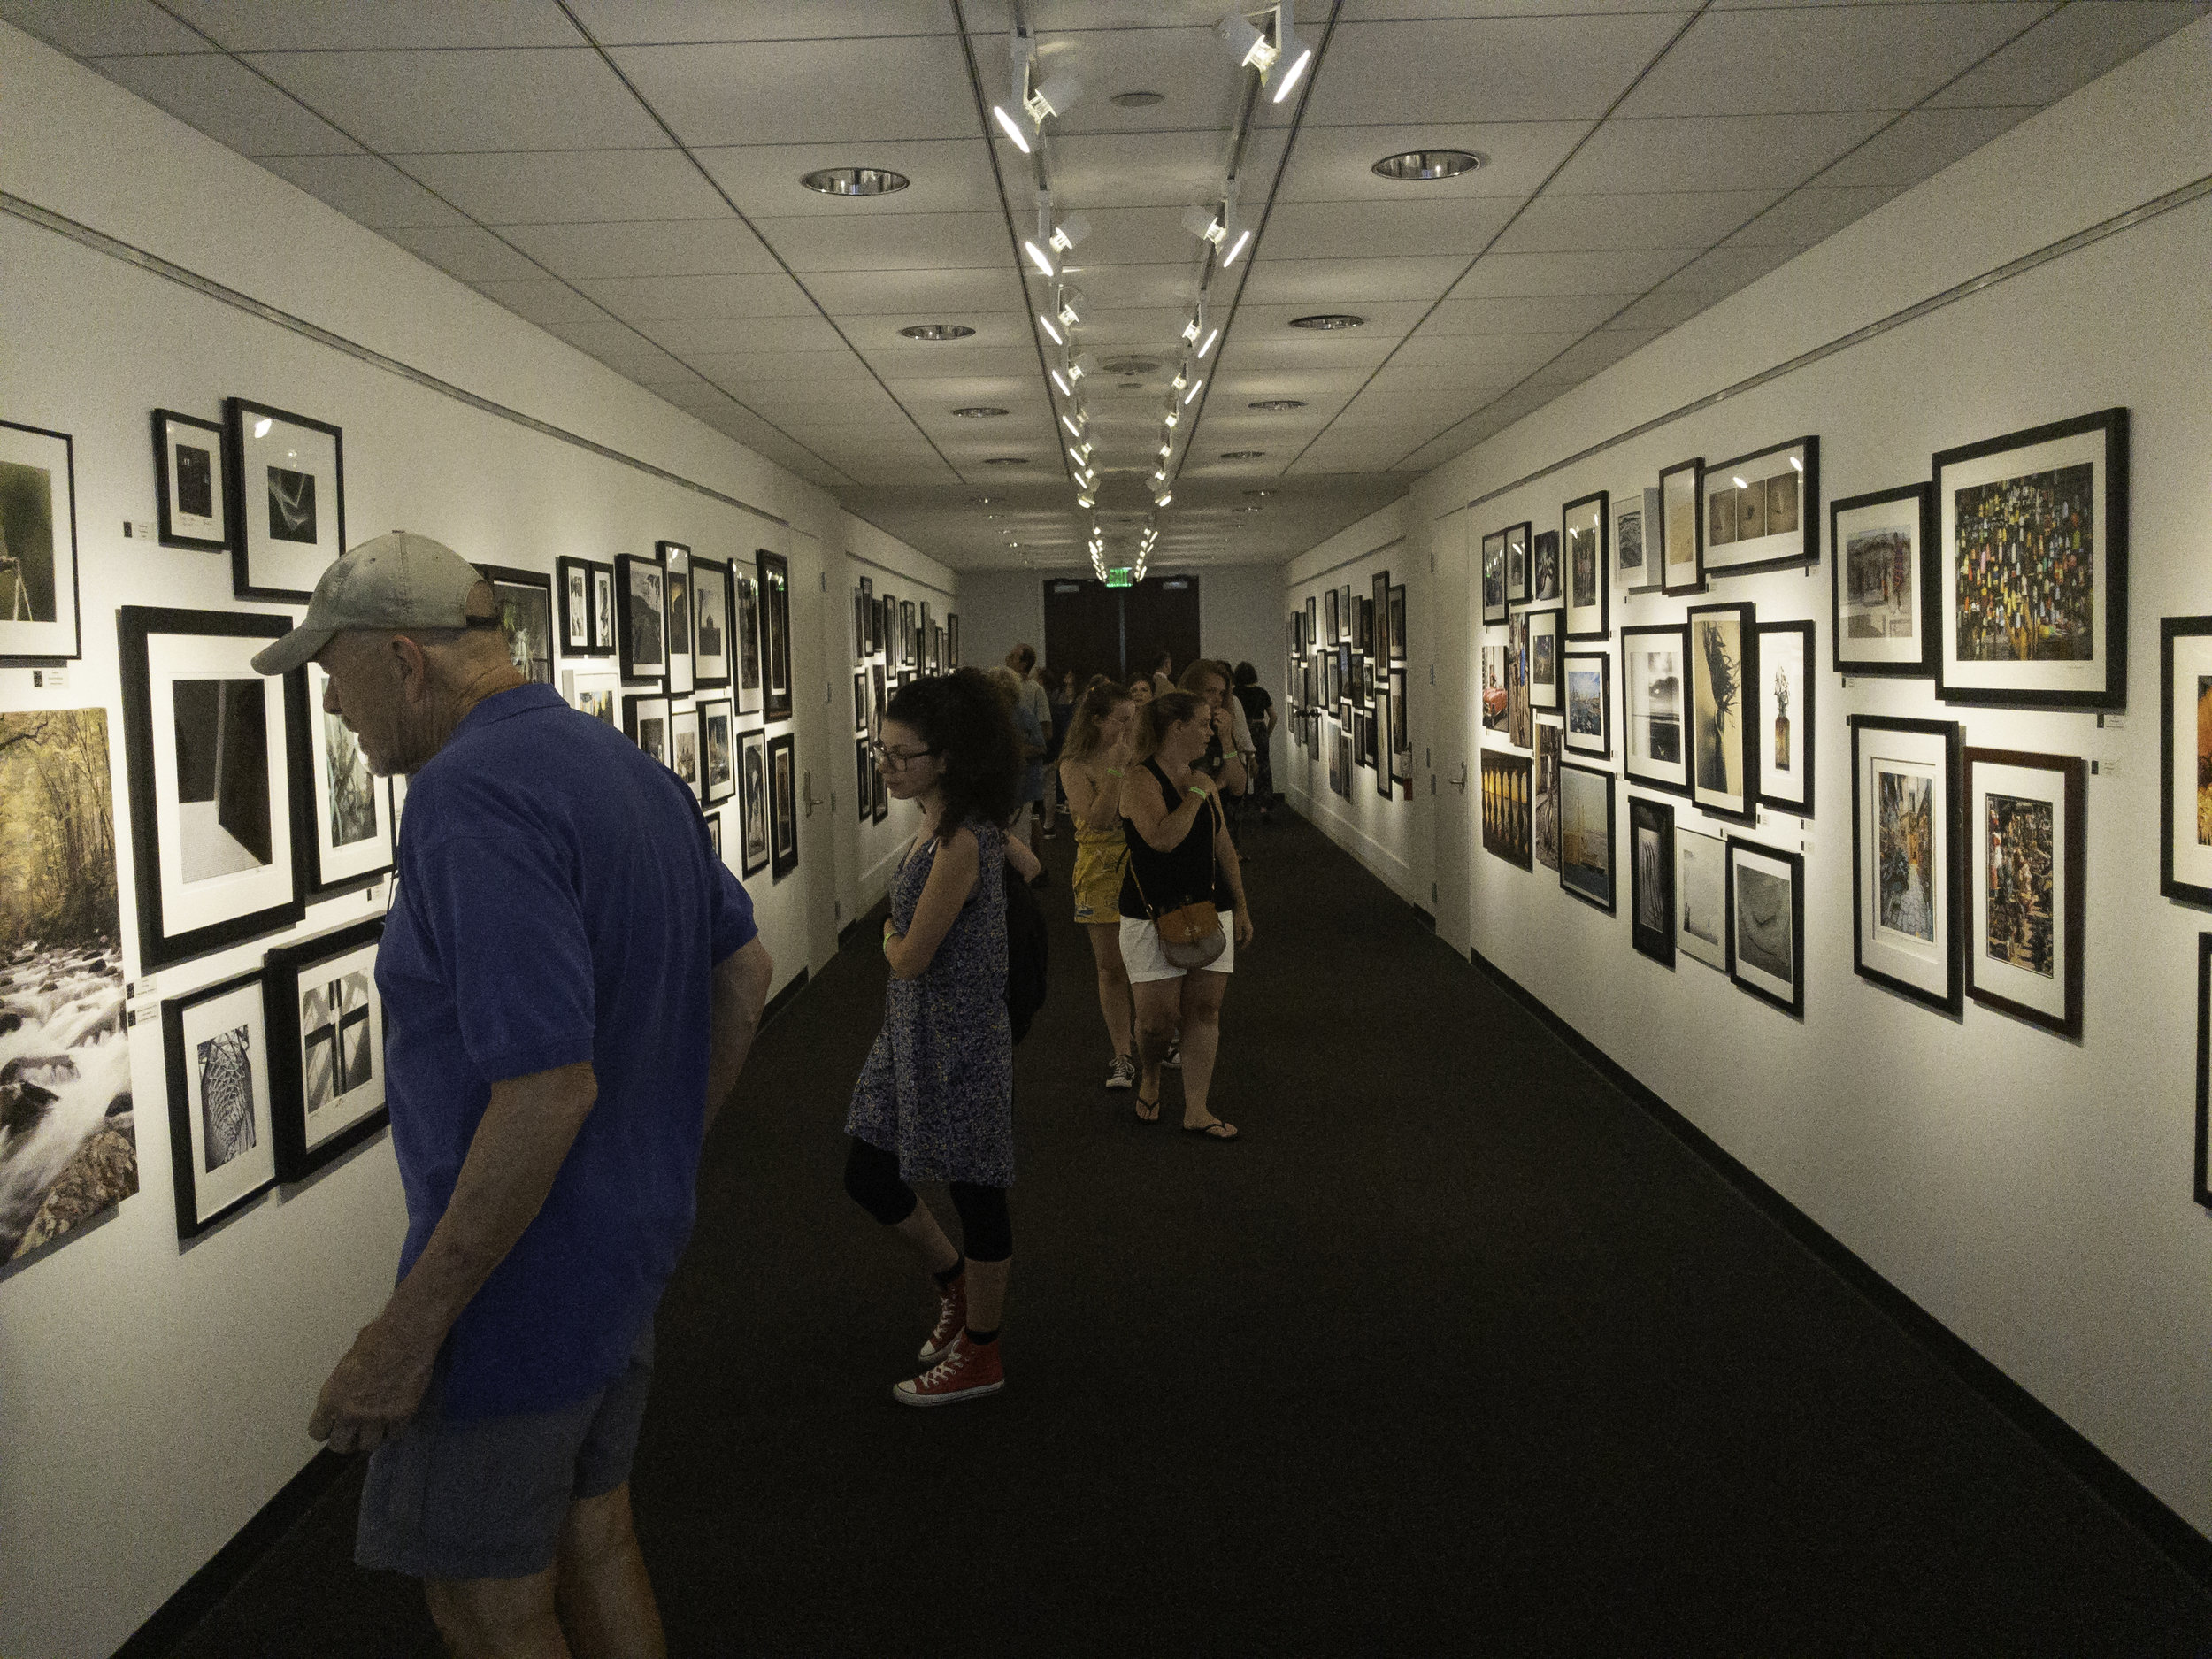 Florida Museum of Photography Art - Tampa.